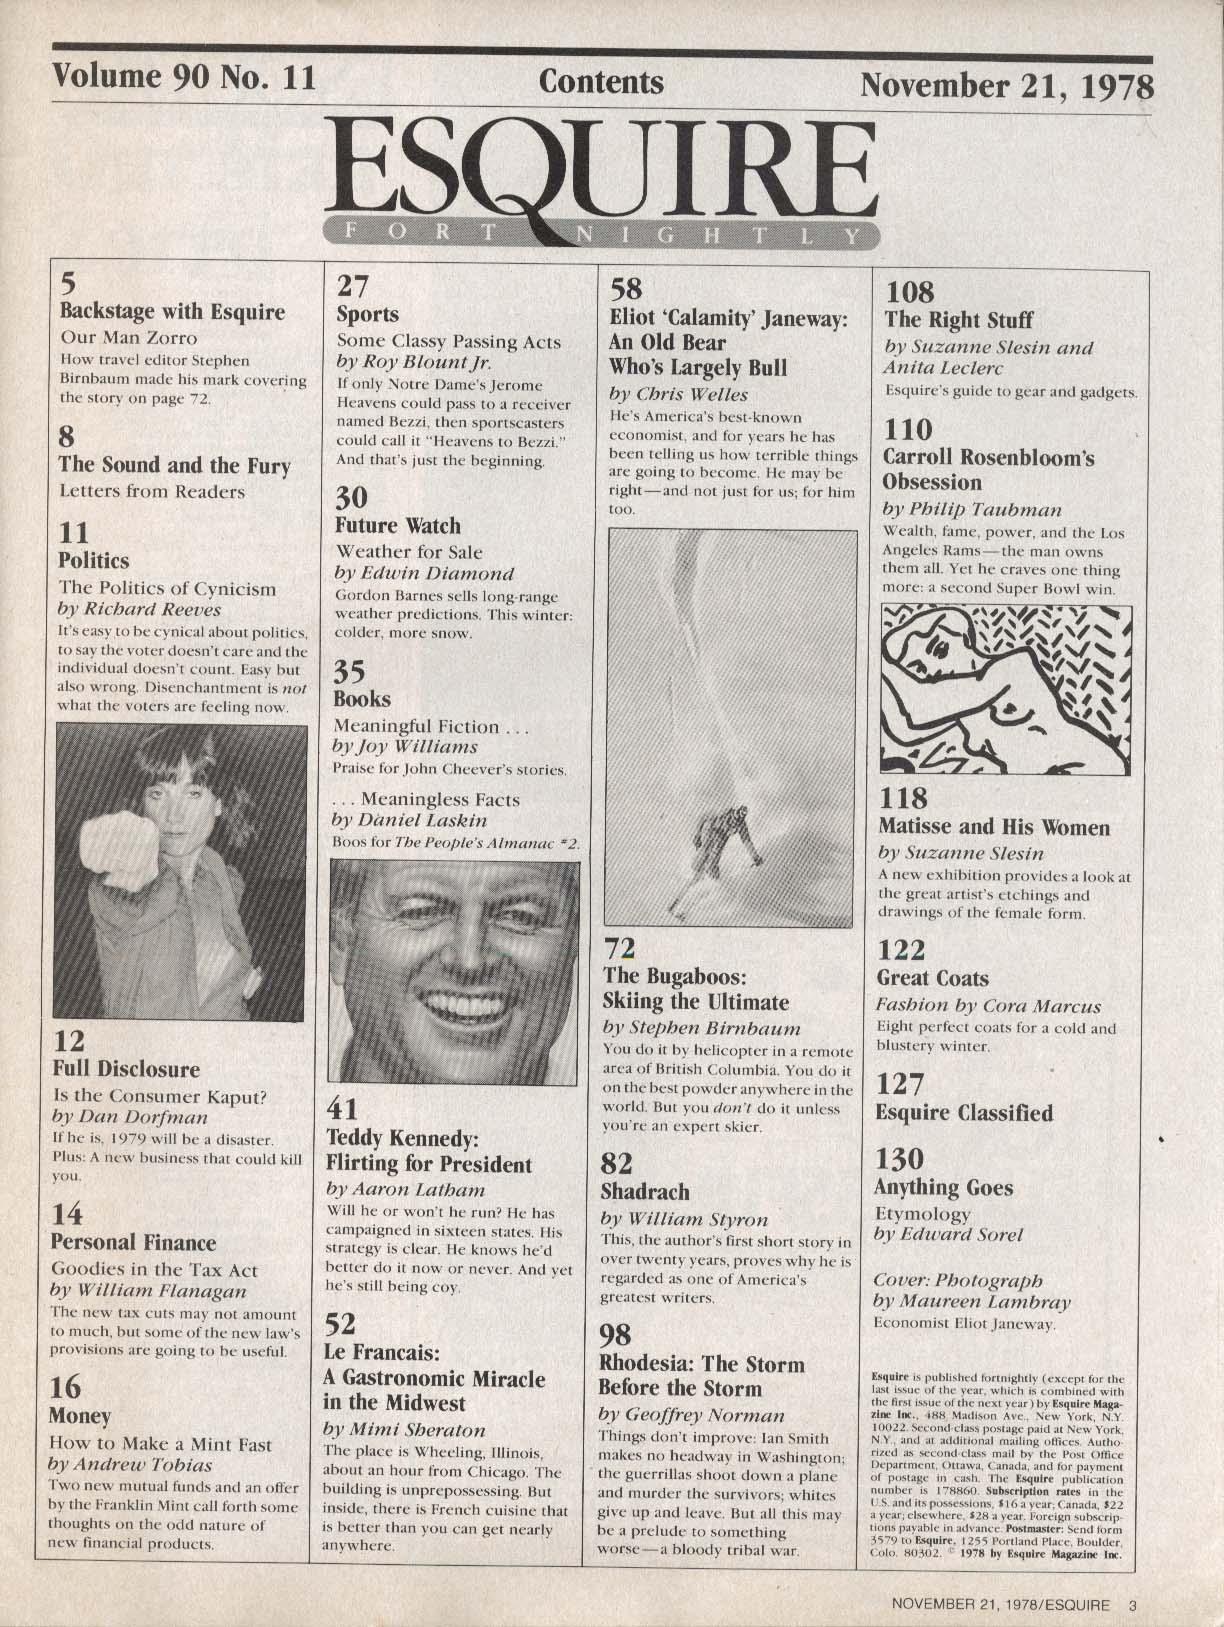 ESQUIRE Eliot Janeway Teddy Kennedy 11/21 1978